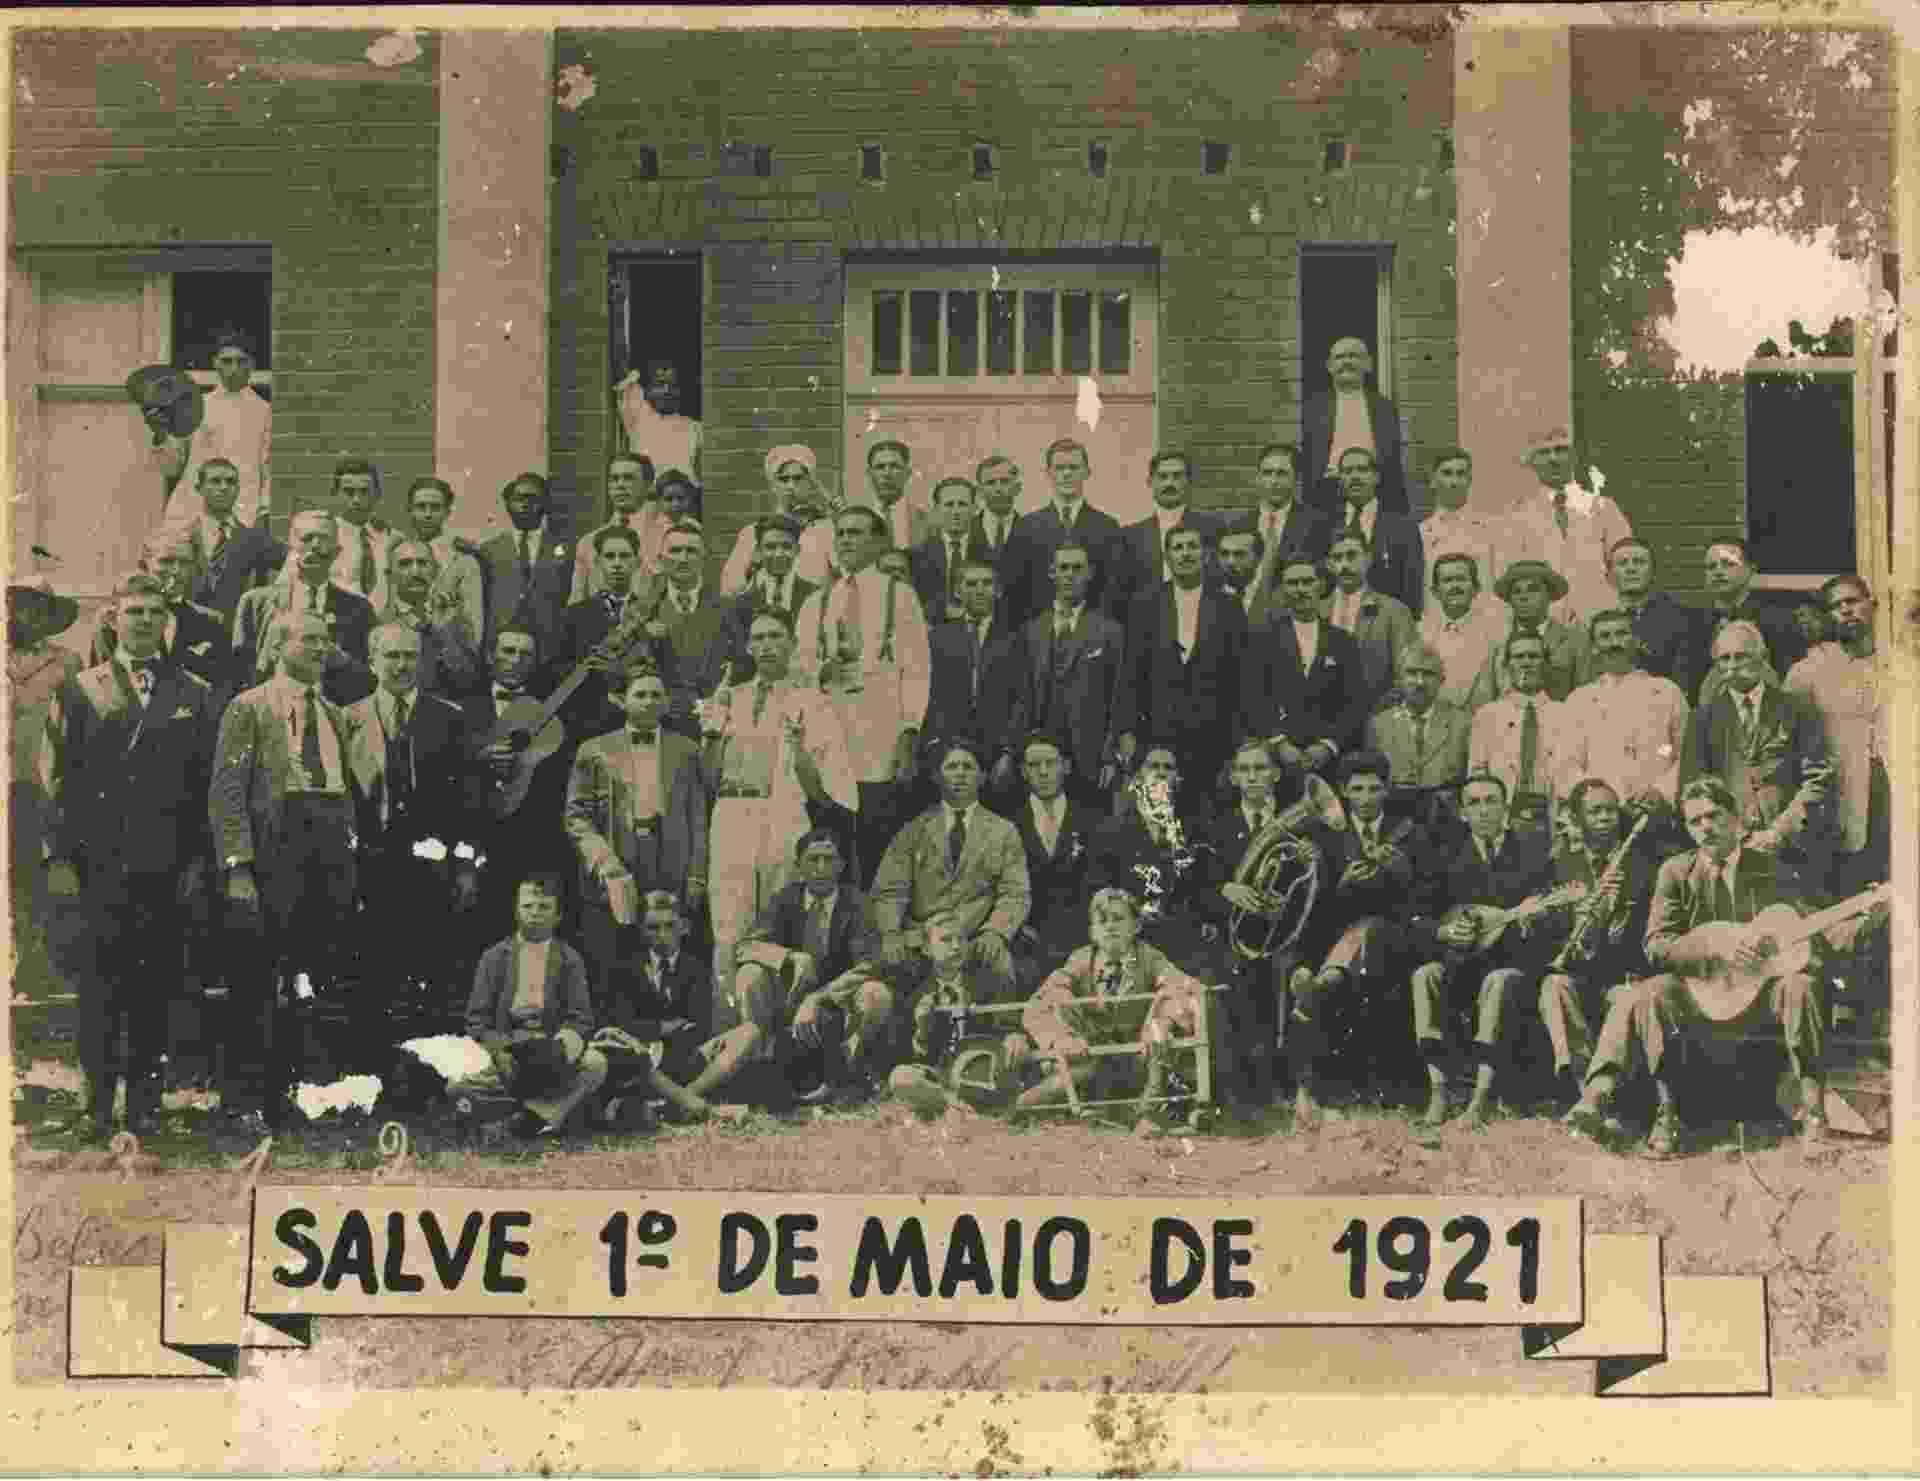 """Operários na faculdade em Araraquara, que depois faria parte da Unesp (Universidade Estadual Paulista """"Júlio de Mesquita Filho"""") - Divulgação"""